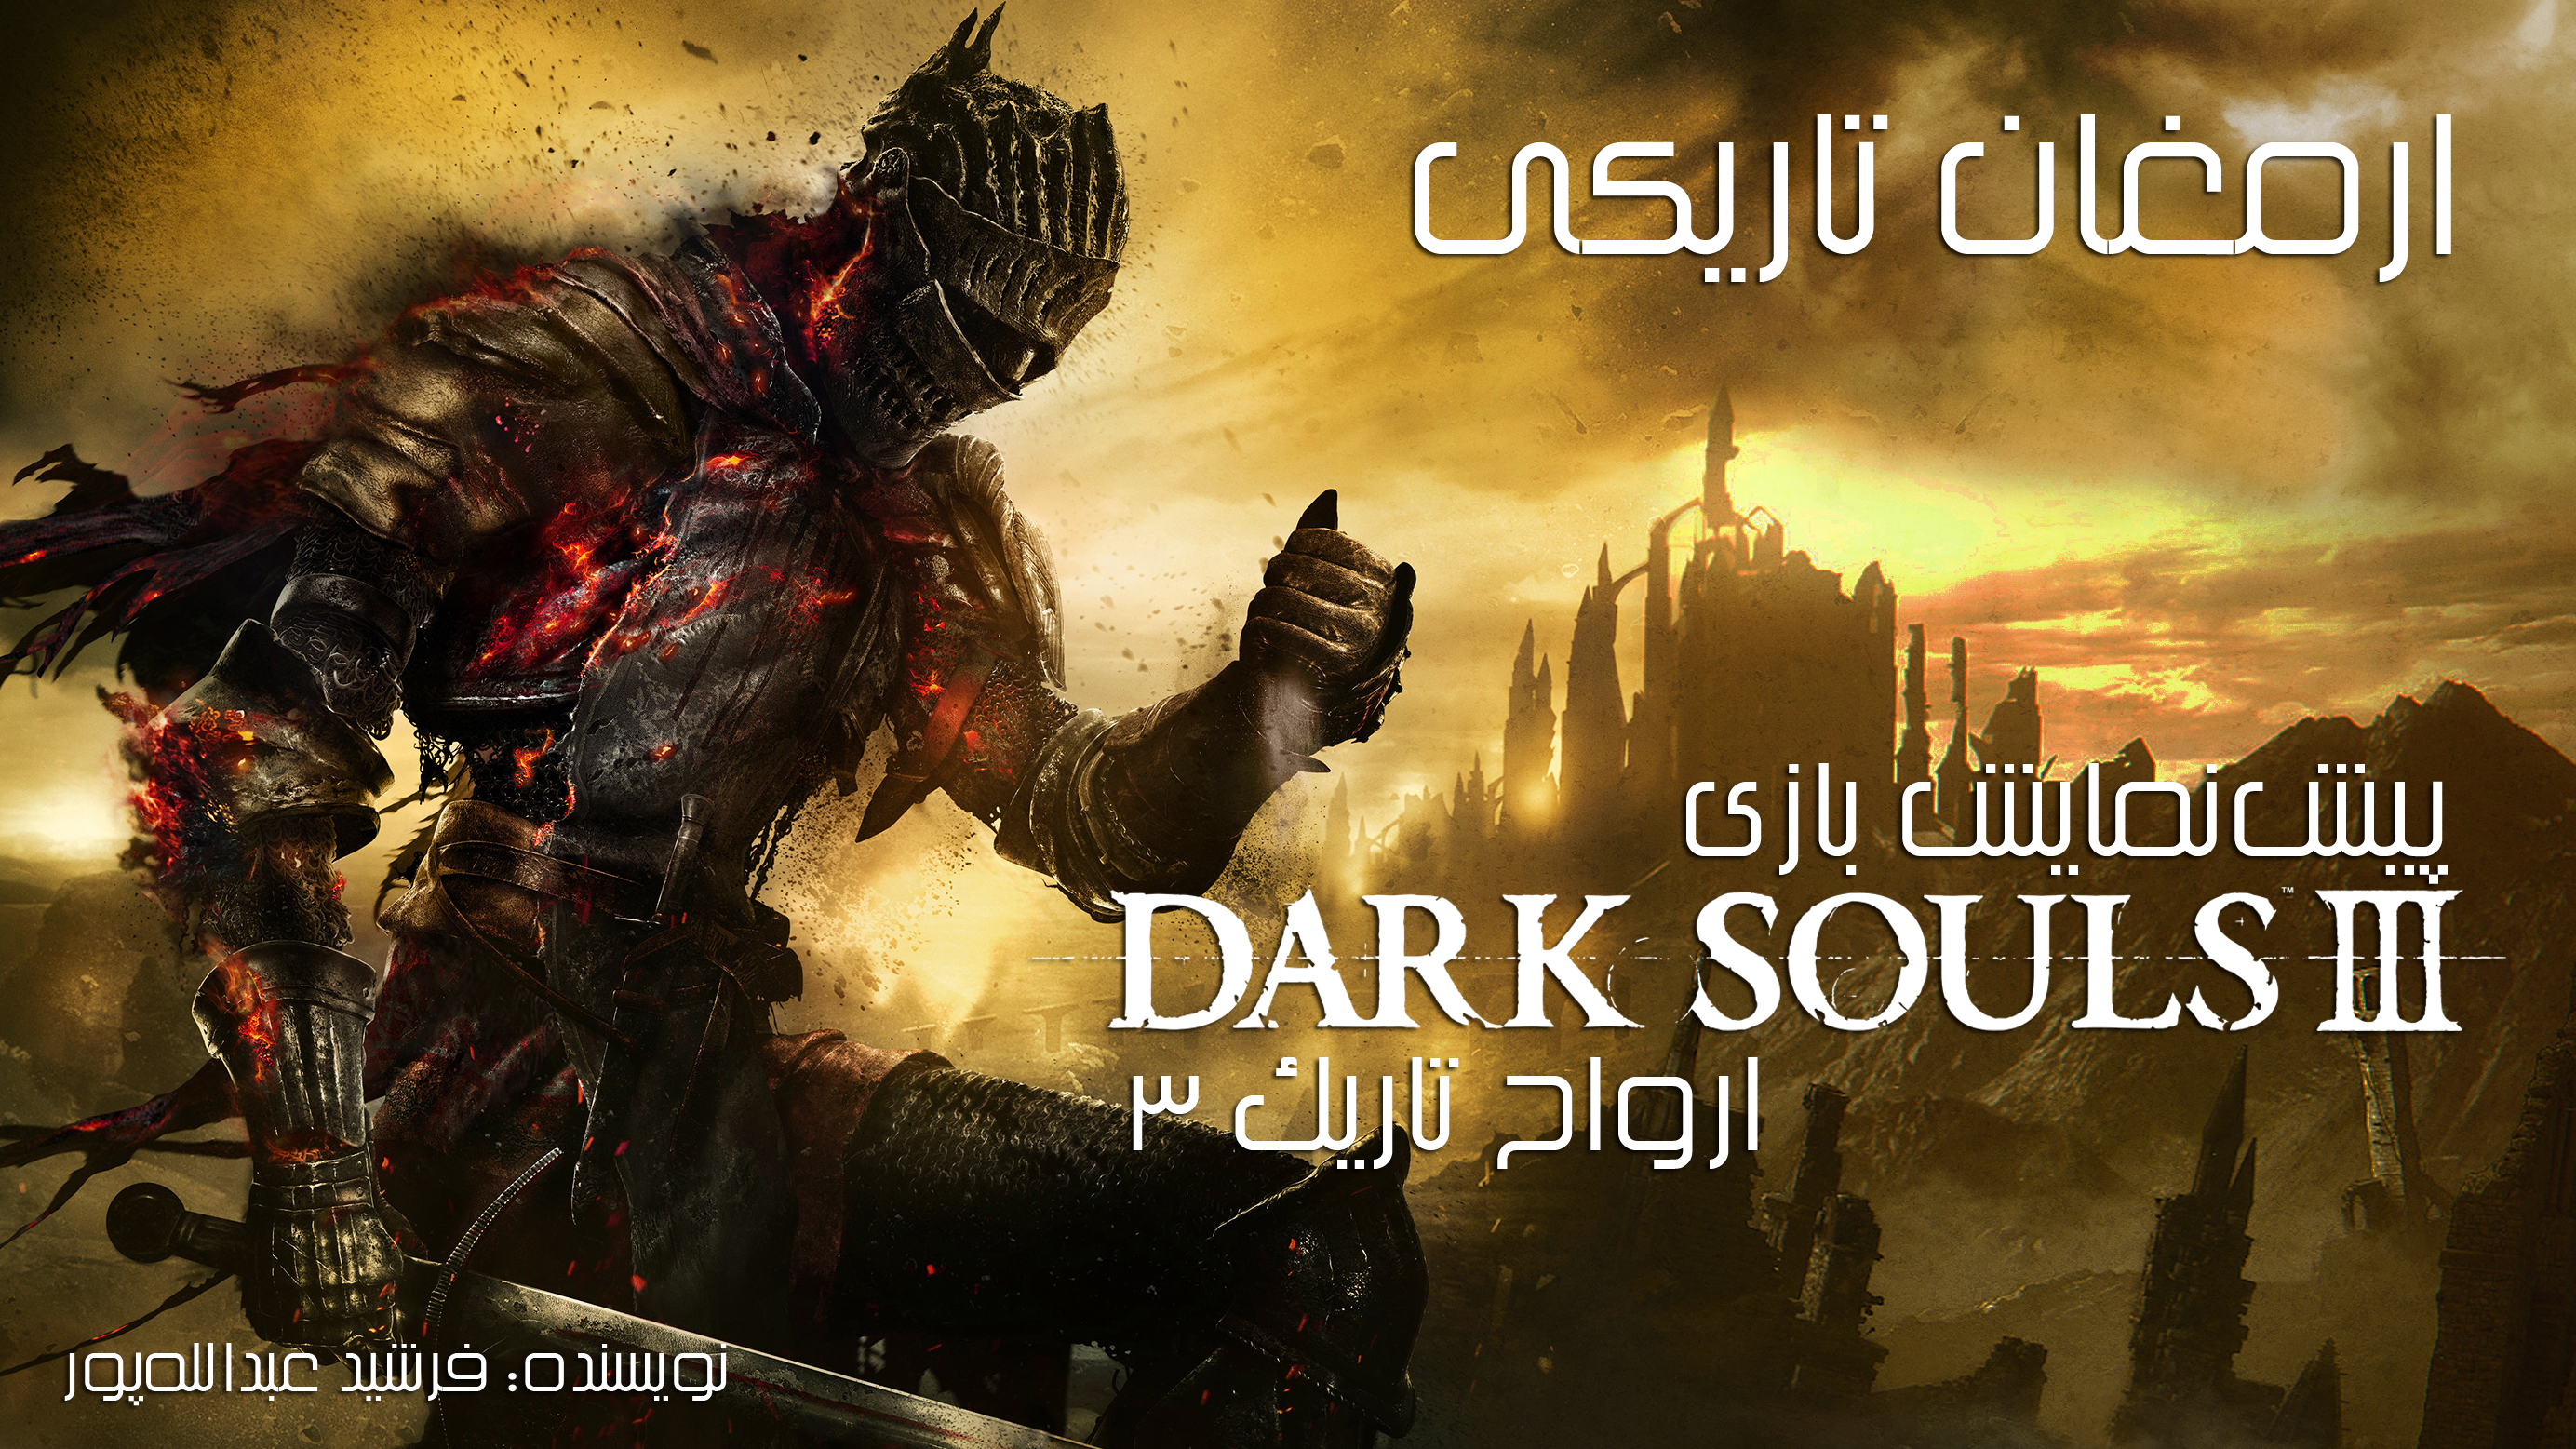 پیش نمایش بازی Dark Souls III